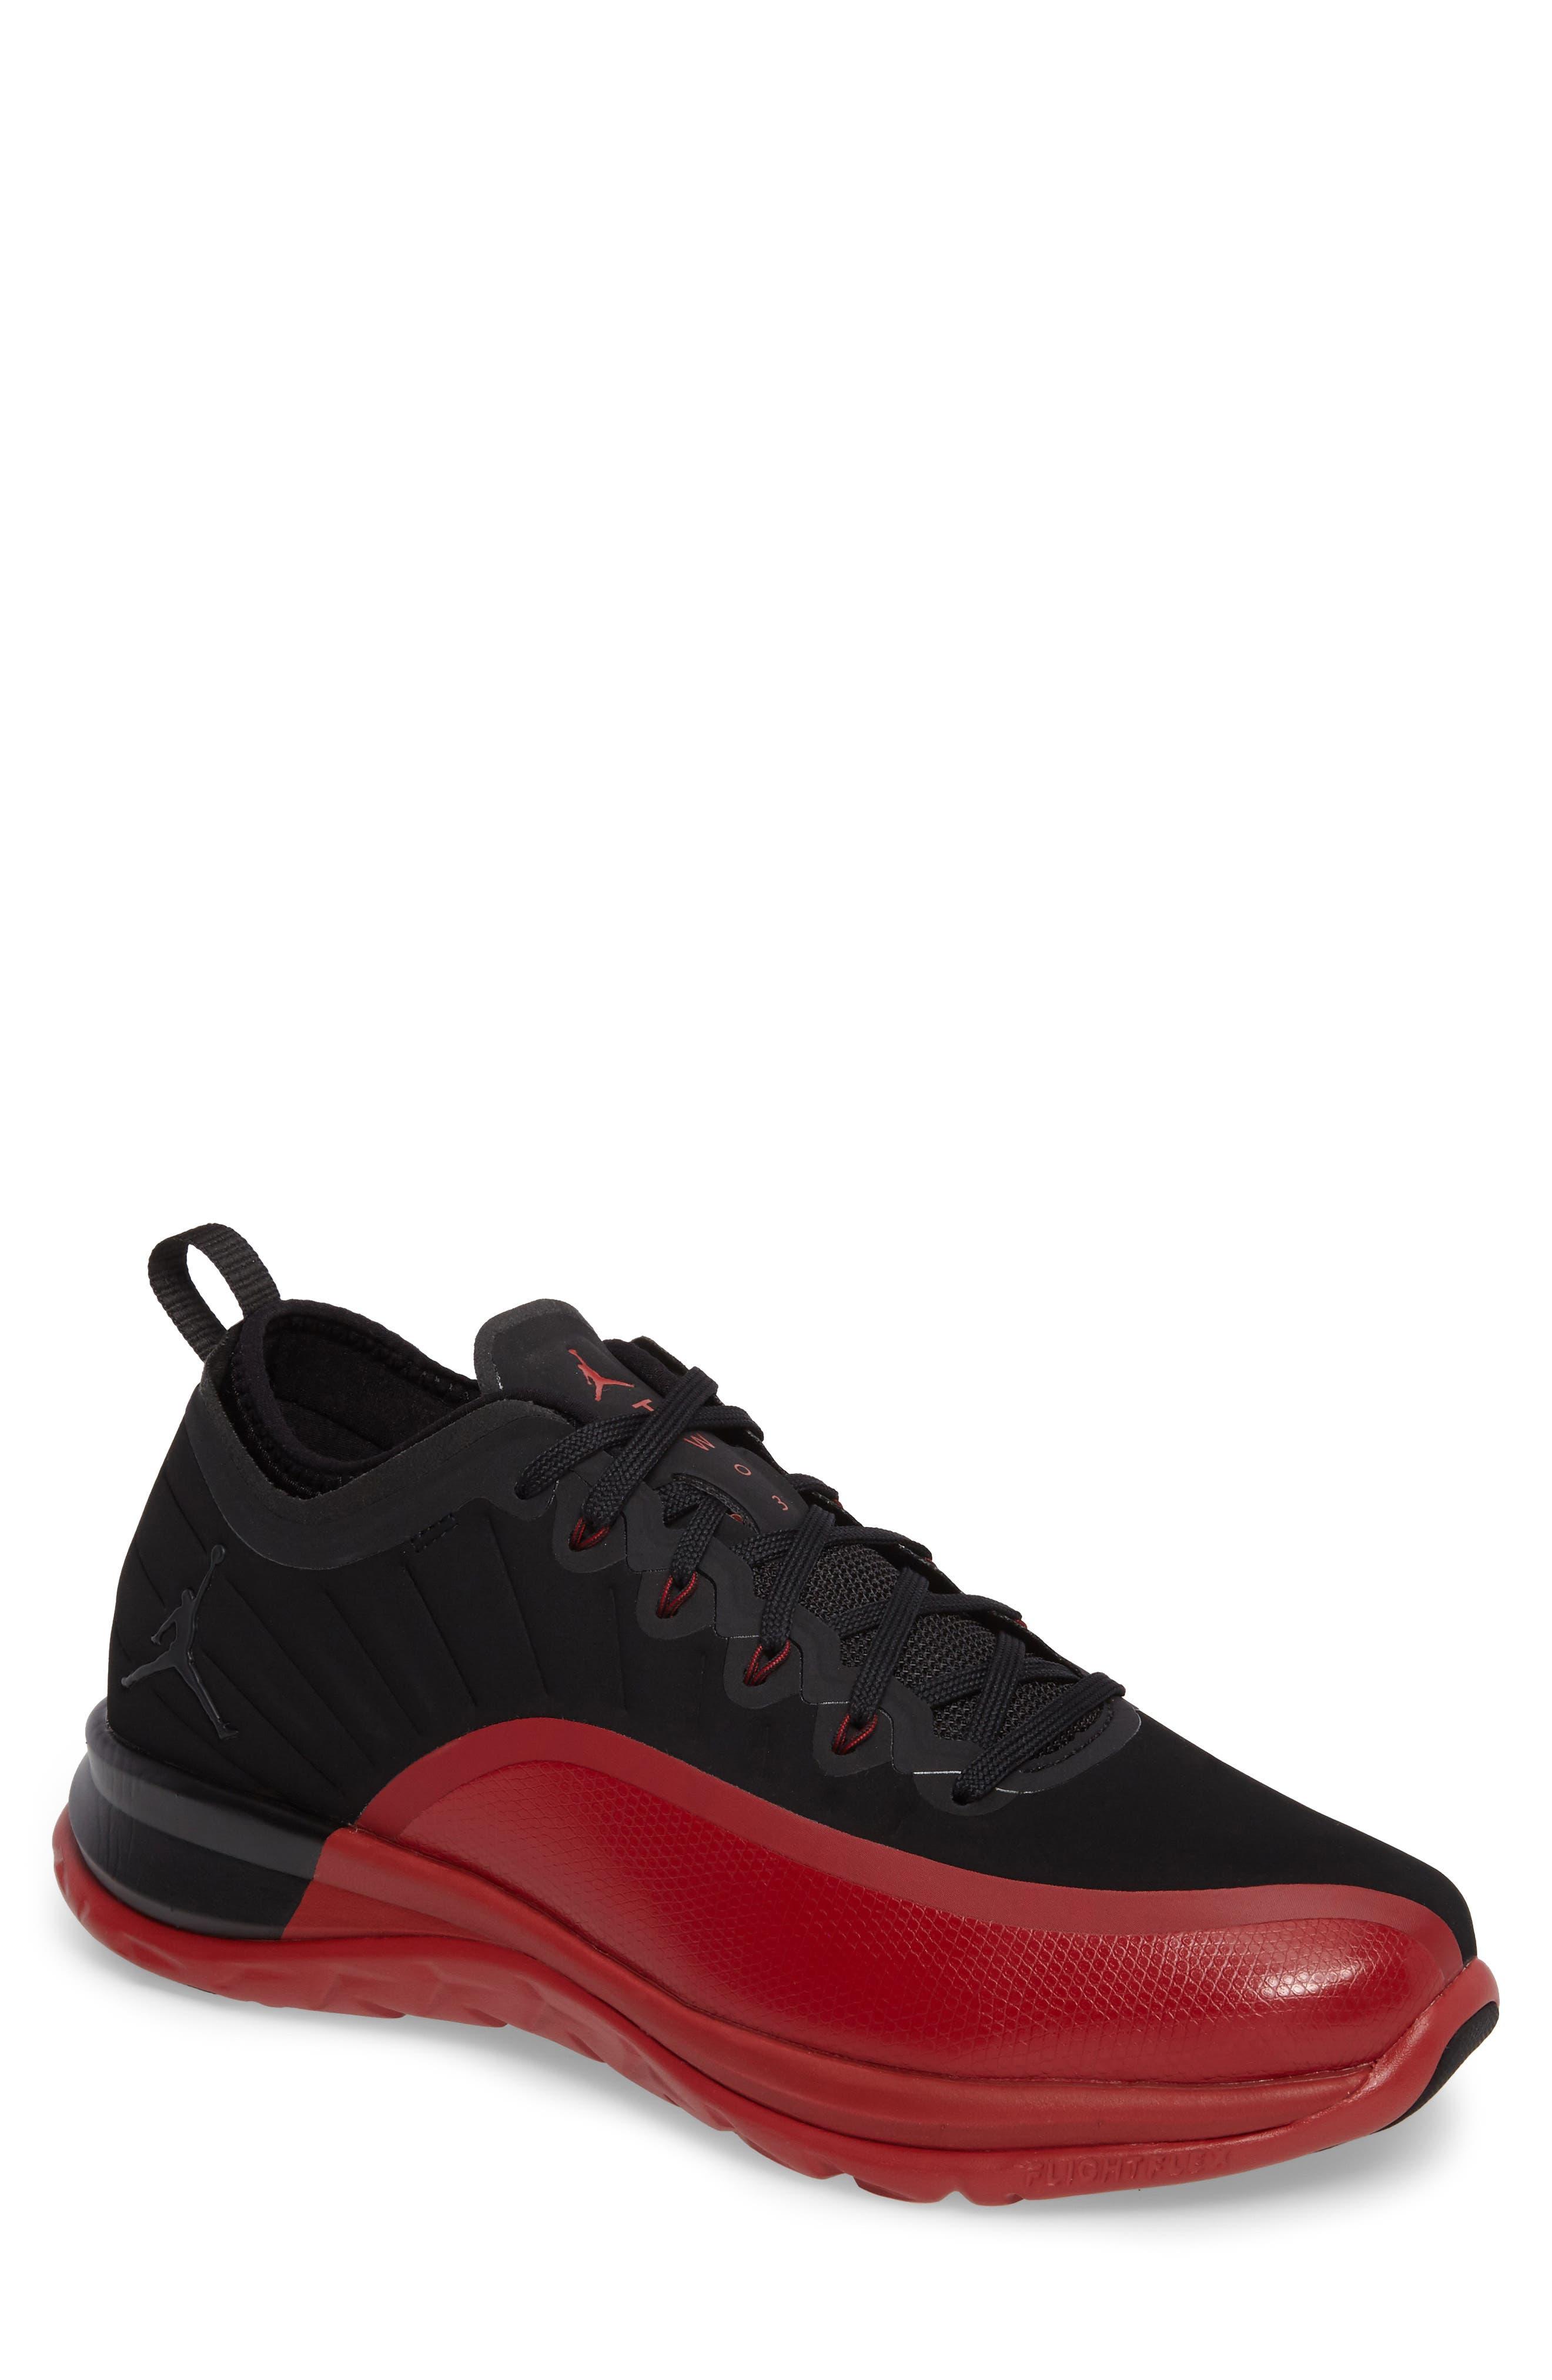 Jordan Trainer Prime Sneaker,                         Main,                         color, 006